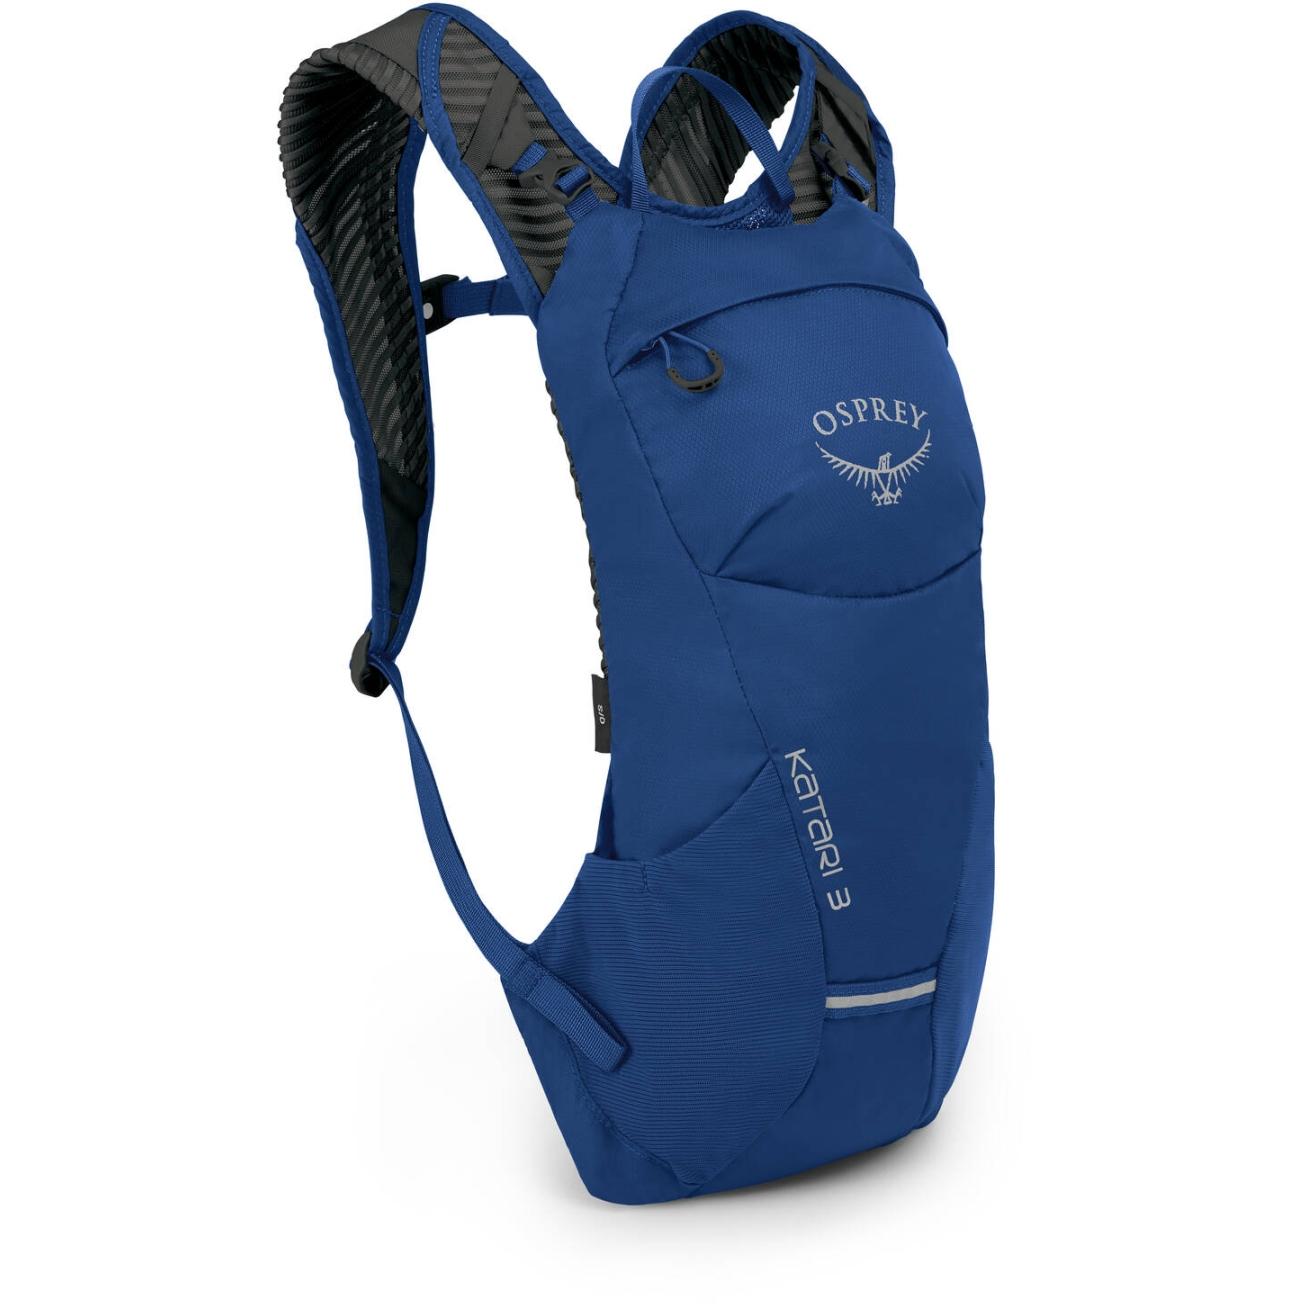 Image of Osprey Katari 3 Hydration Backpack - Cobalt Blue